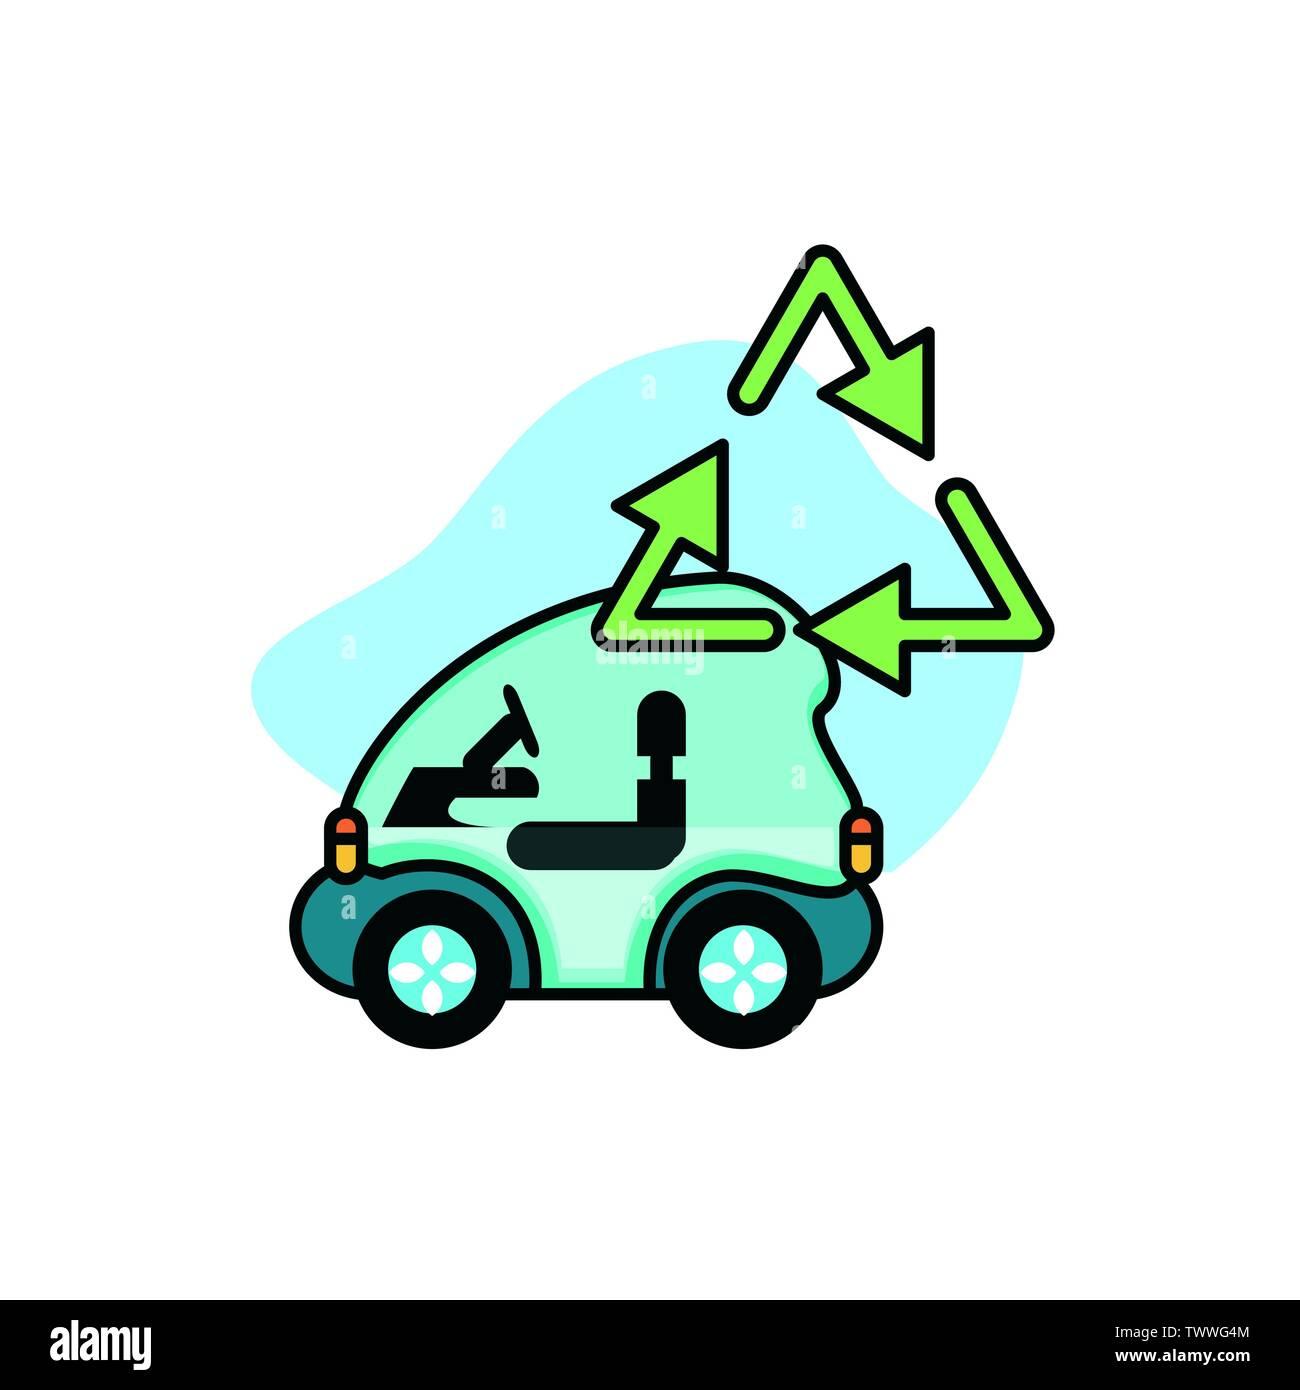 Car Design, Eco city sauver la planète penser vert et de recyclage thème Vector illustration Photo Stock